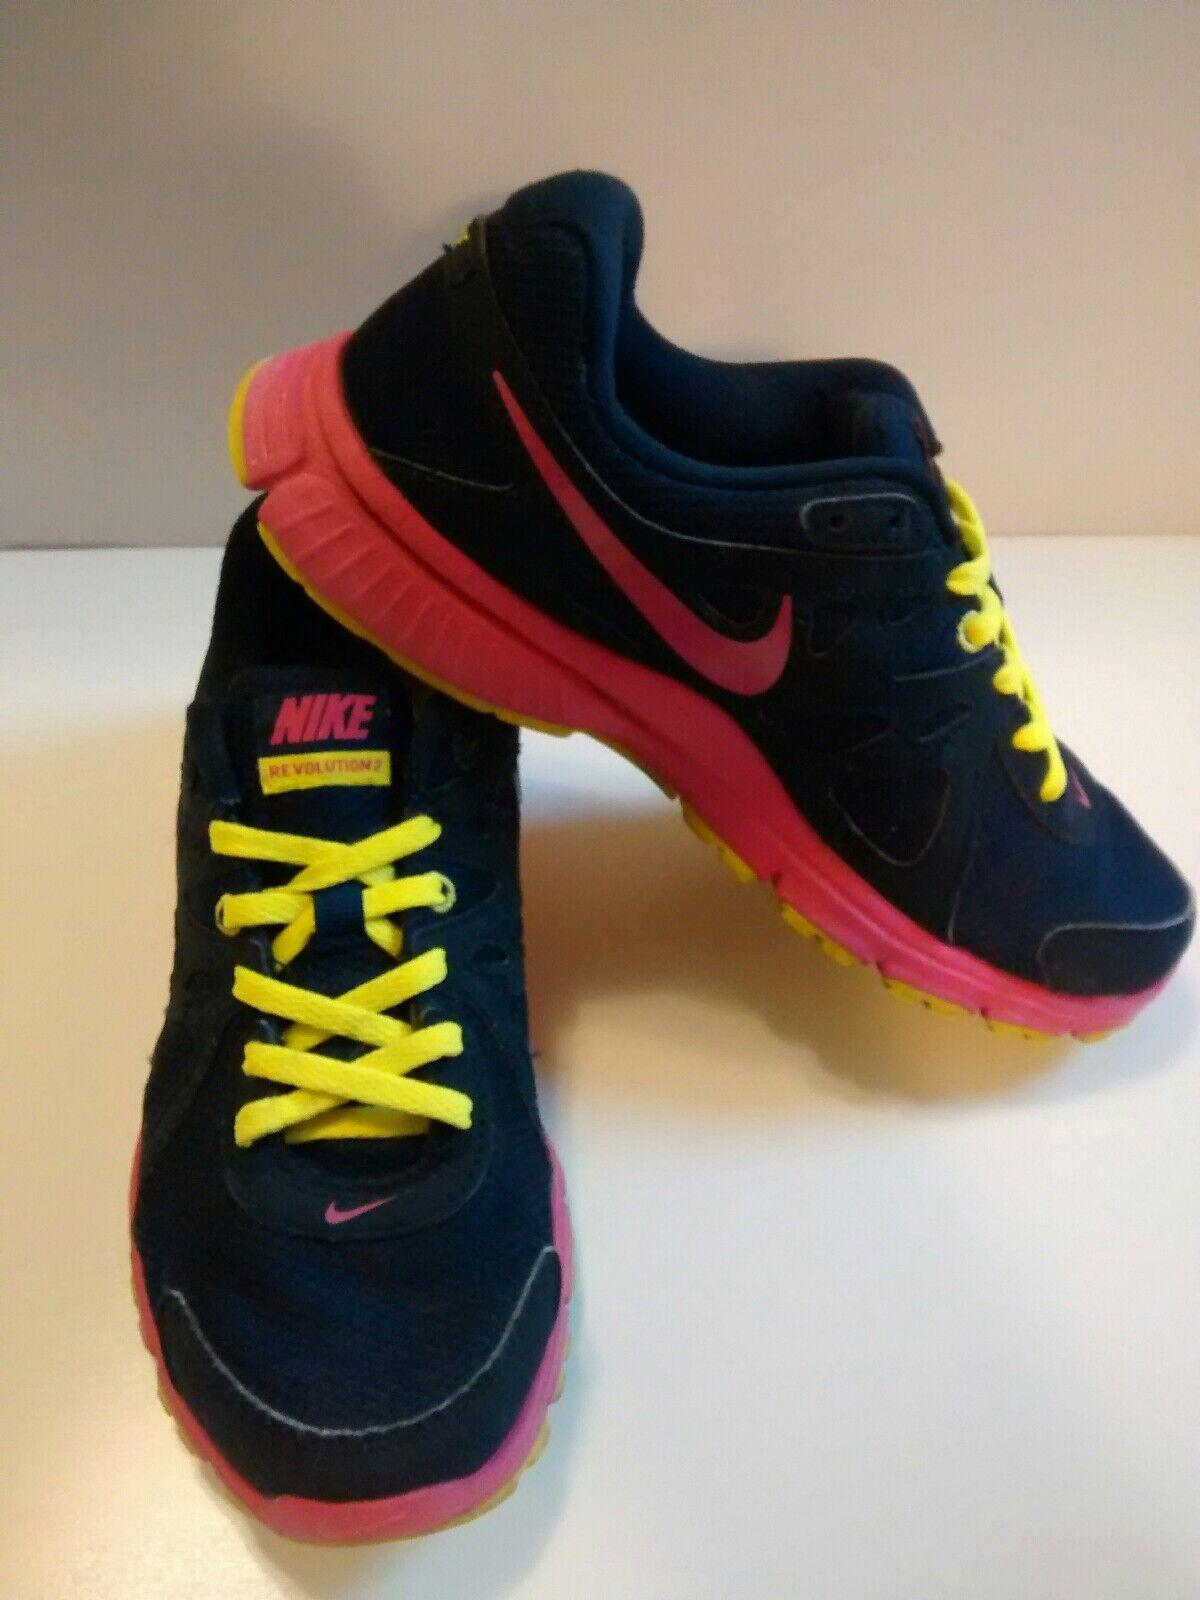 nike révolution 2 femmes des chaussures de taille noir 7 rose jaune 554900463 noir taille 56c7f4